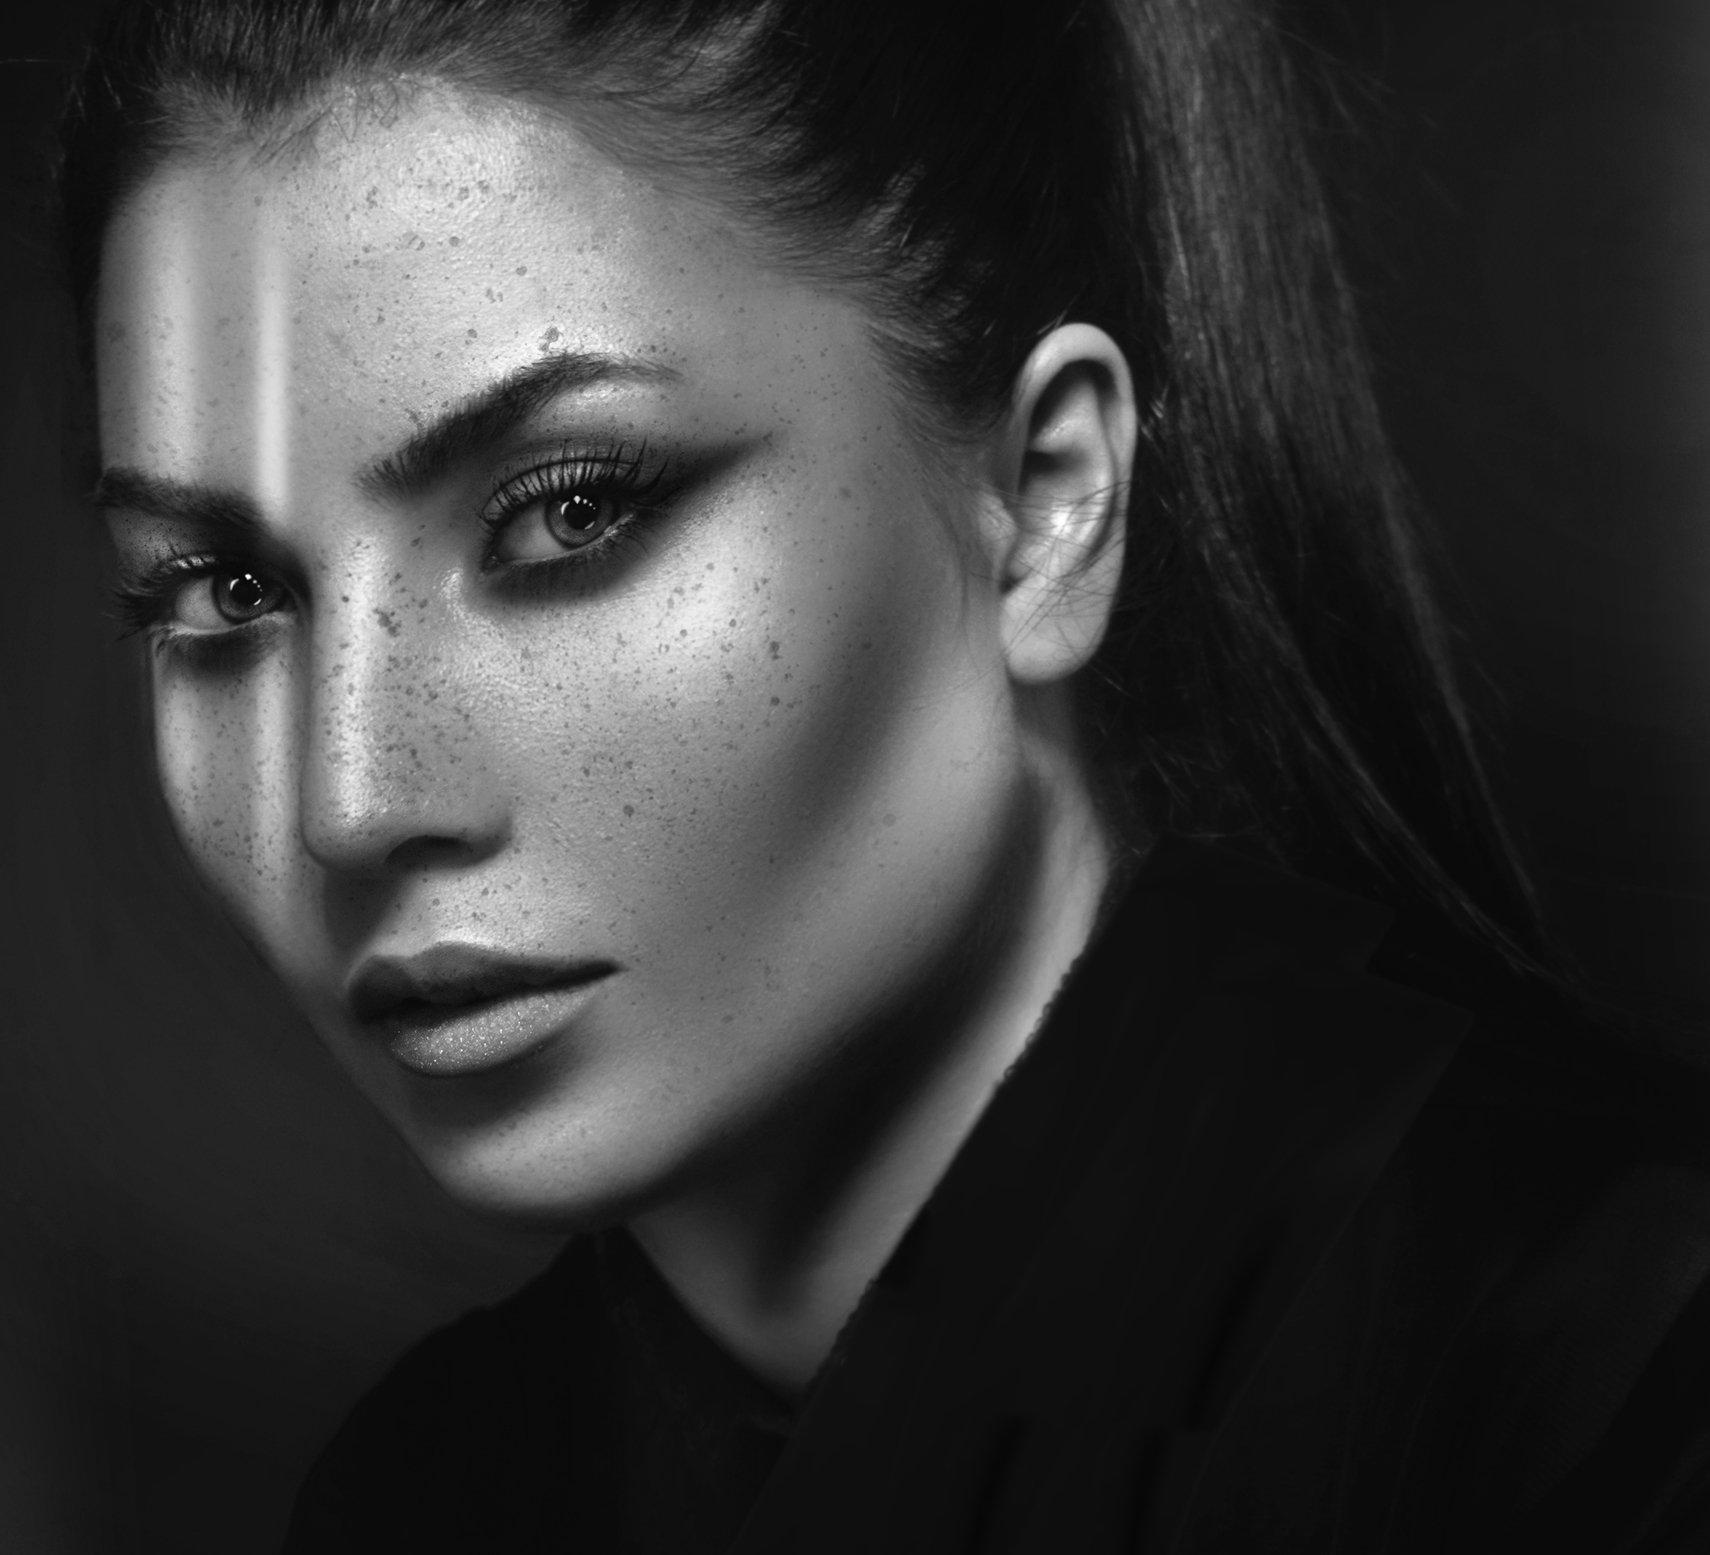 portrait  beauty  black and white, reza rasa